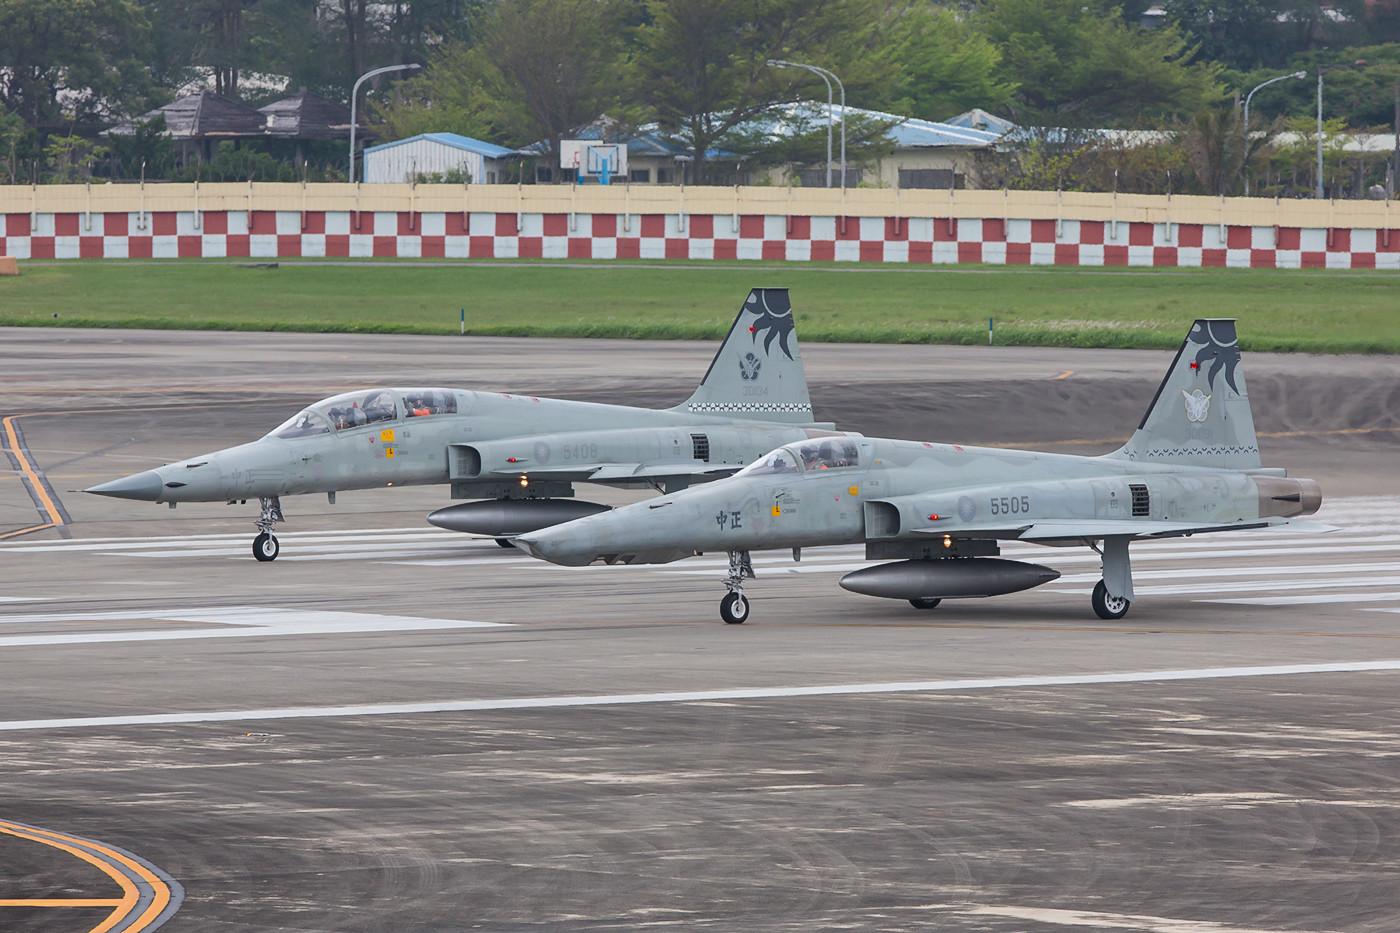 RF-5E und F5F Tiger II, auf der Runway. Leider flogen bei unserem Besuch nur diese zwei Maschinen.